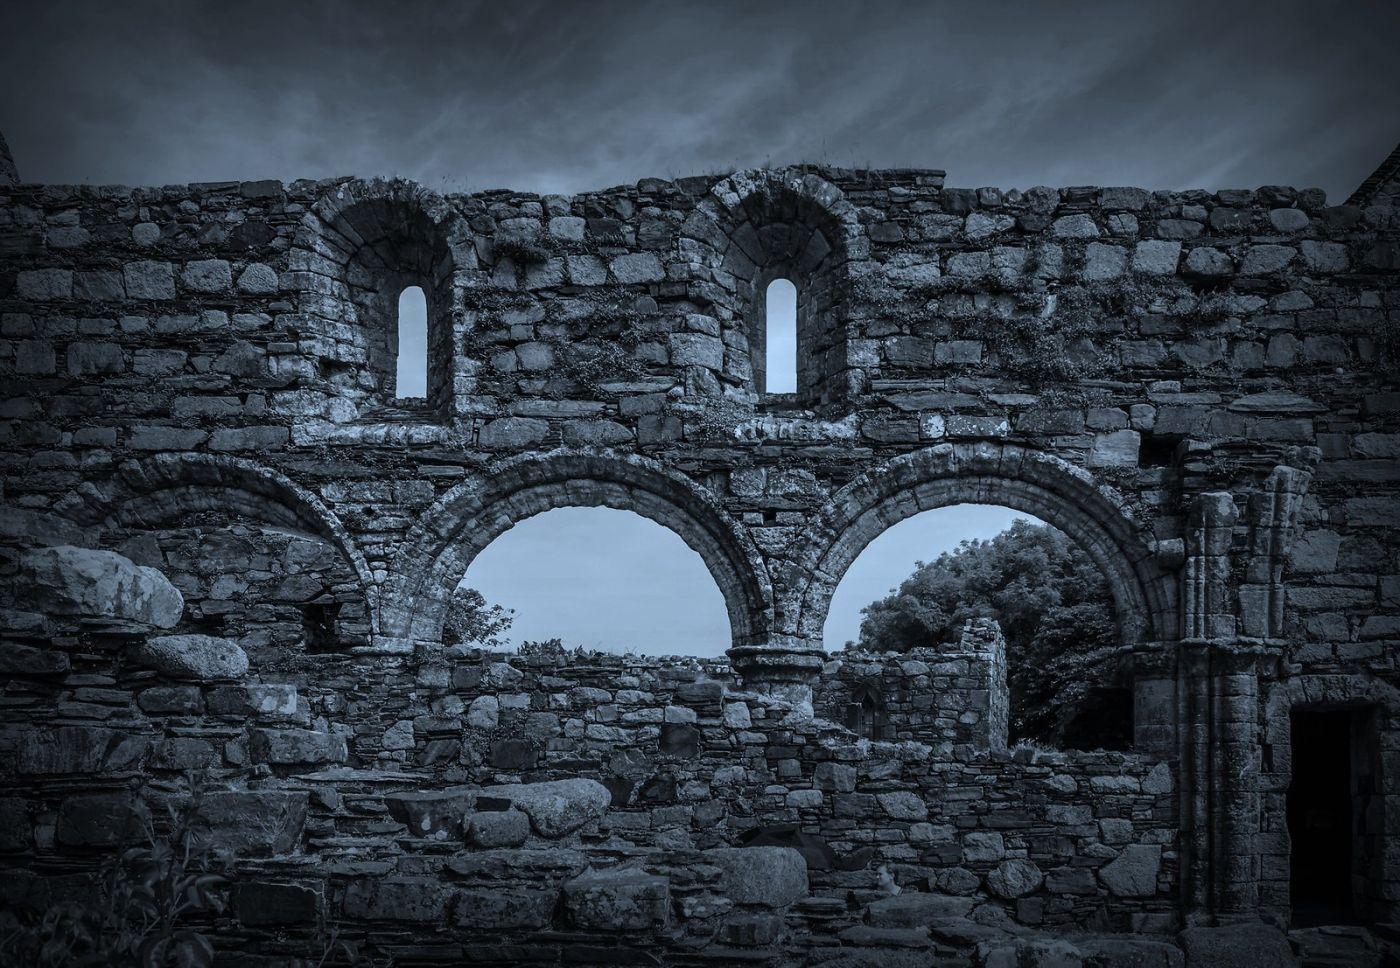 苏格兰圣奥兰教堂(St Oran's Chapel),千年古迹_图1-17